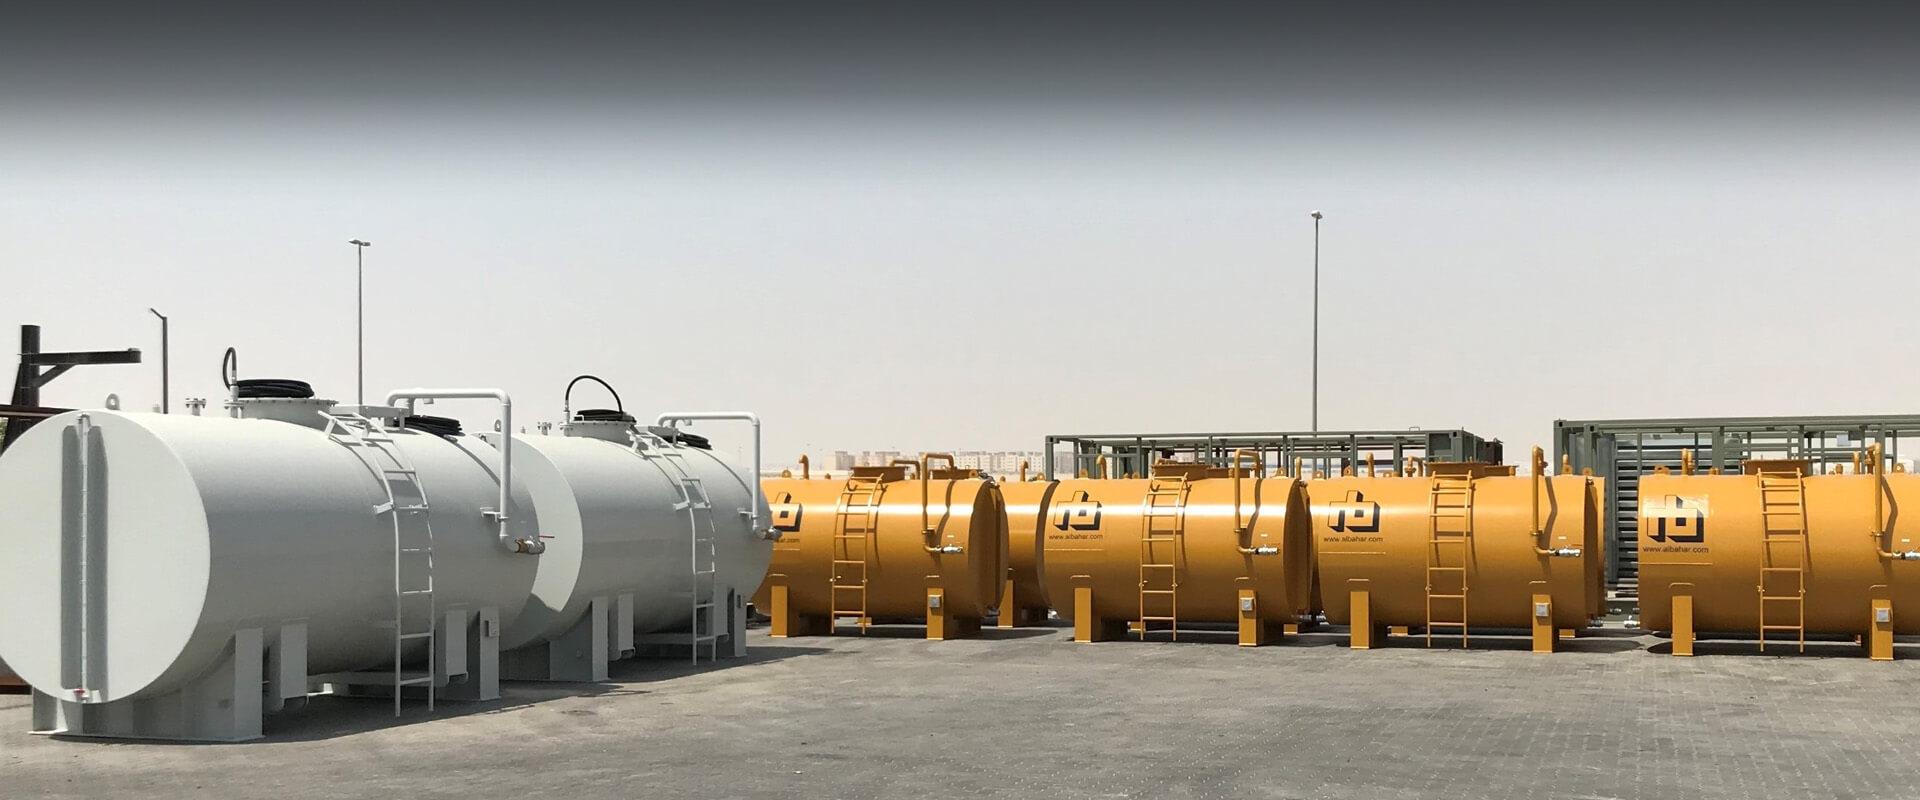 banner-fuel-storage-tank